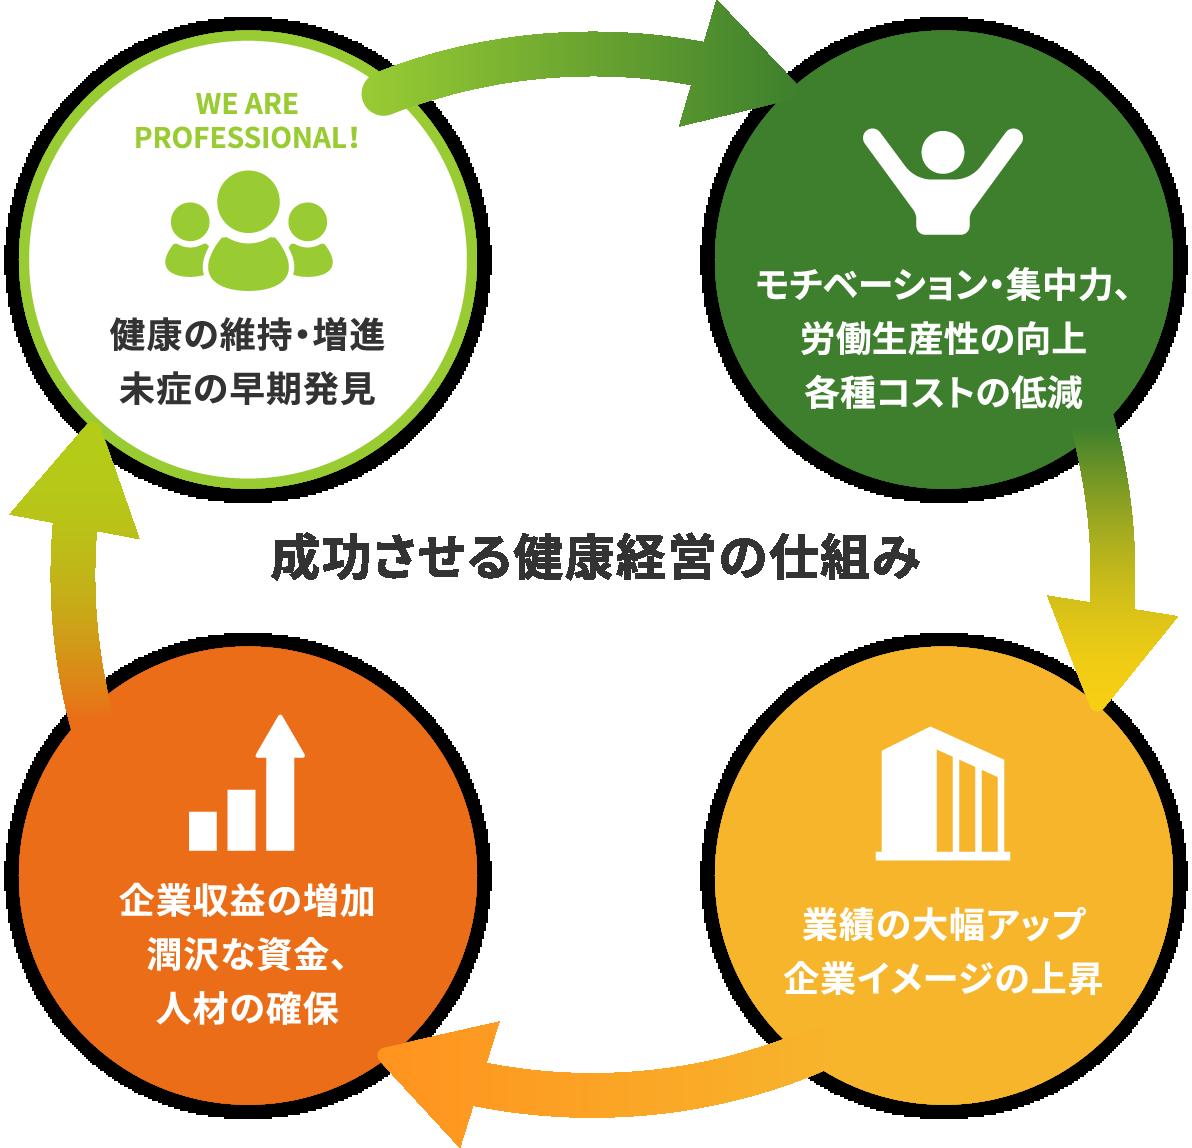 成功させる健康経営の仕組み図